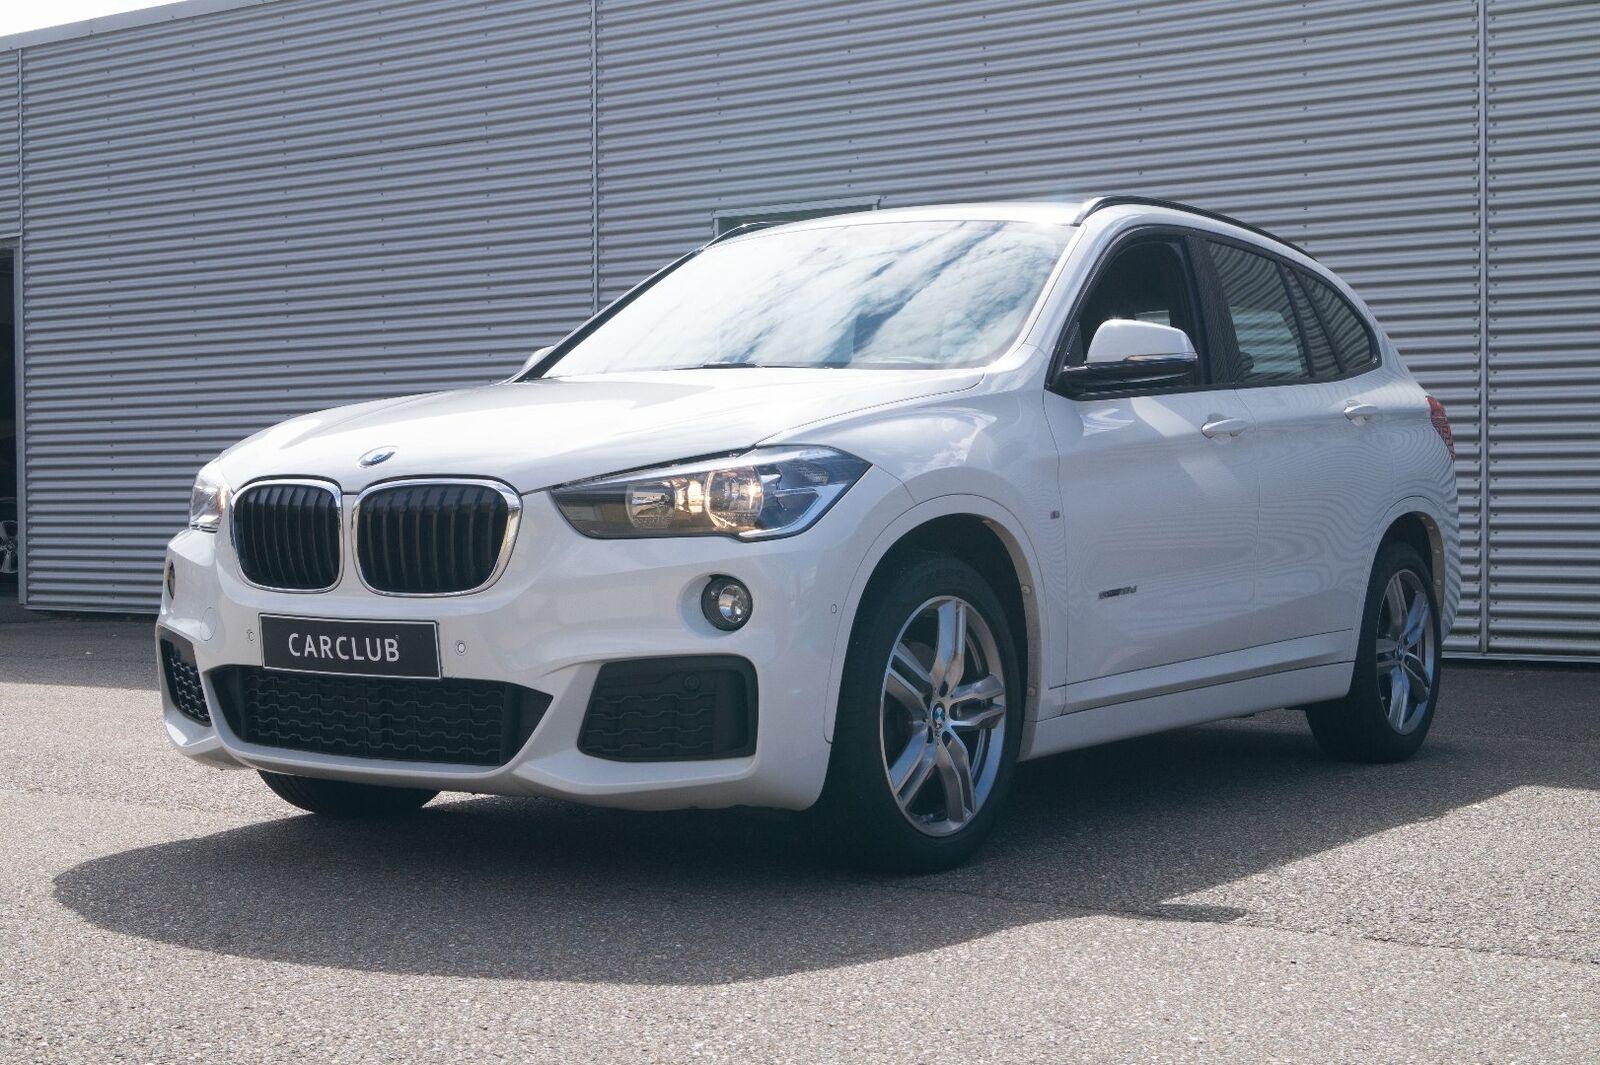 BMW X1 2,0 sDrive18d aut. 5d - 319.900 kr.